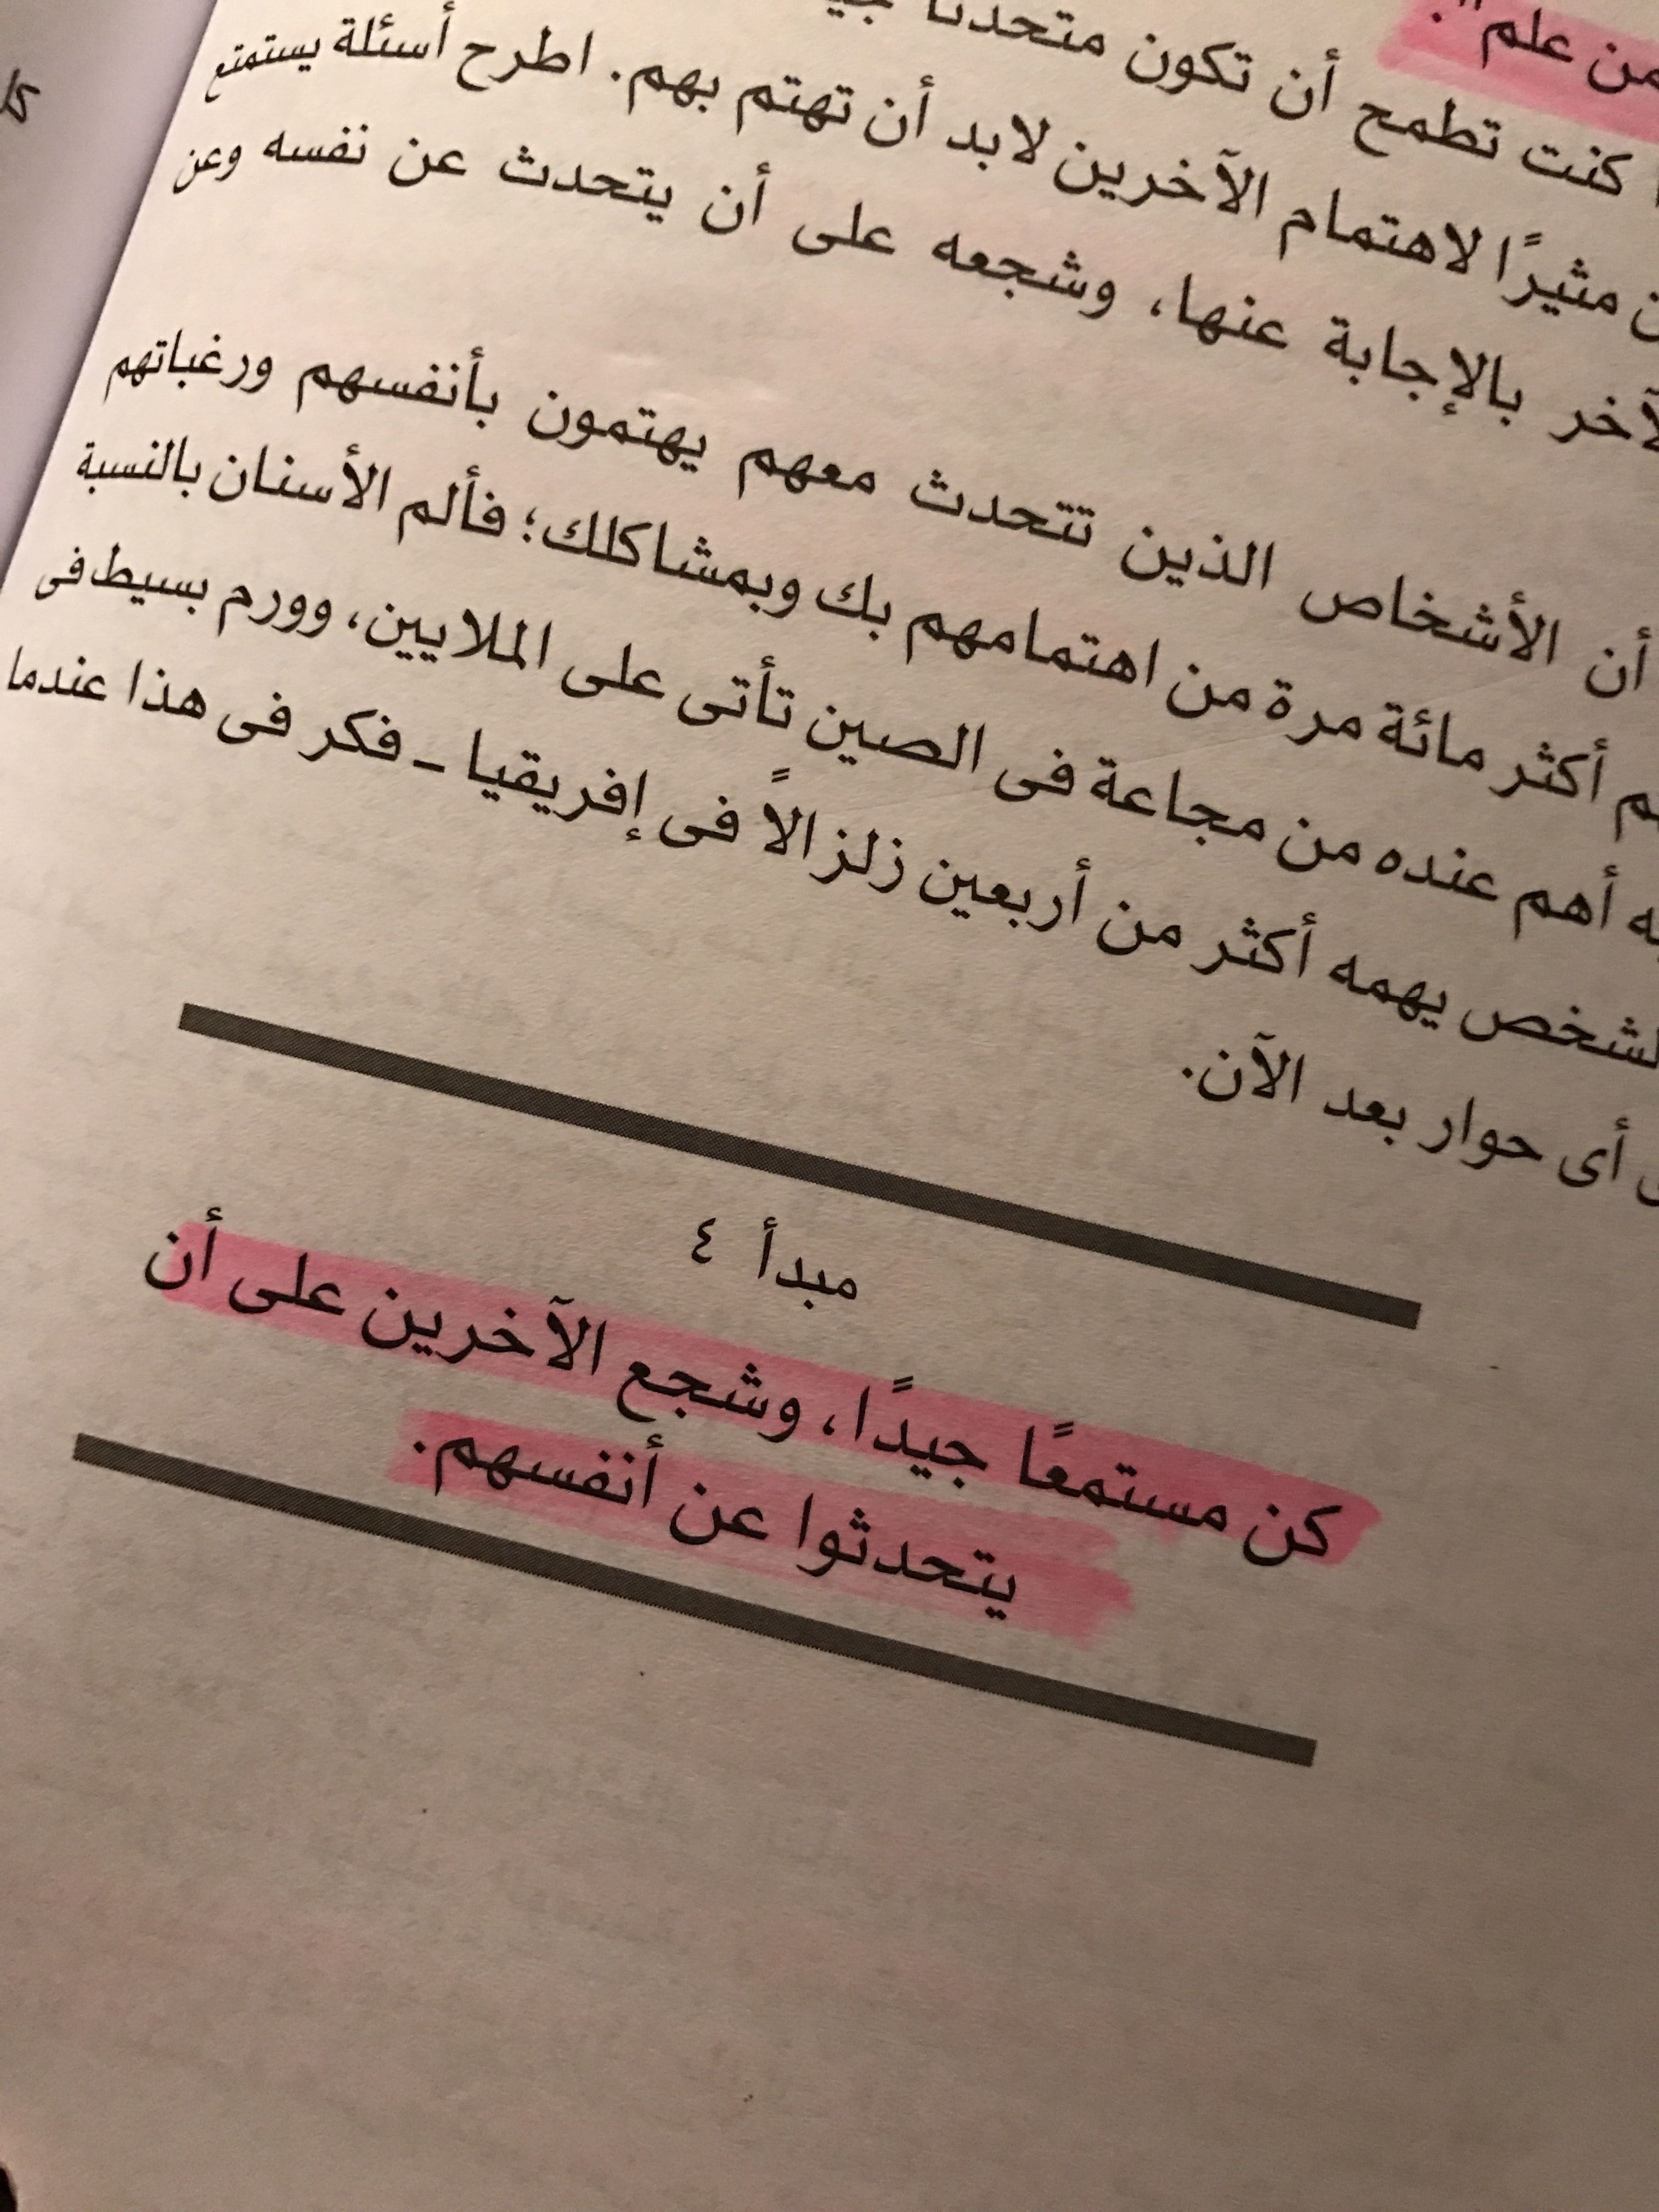 كيف تؤثر على الآخرين وتكتسب الأصدقاء Life Quotes Quotes Arabic Quotes